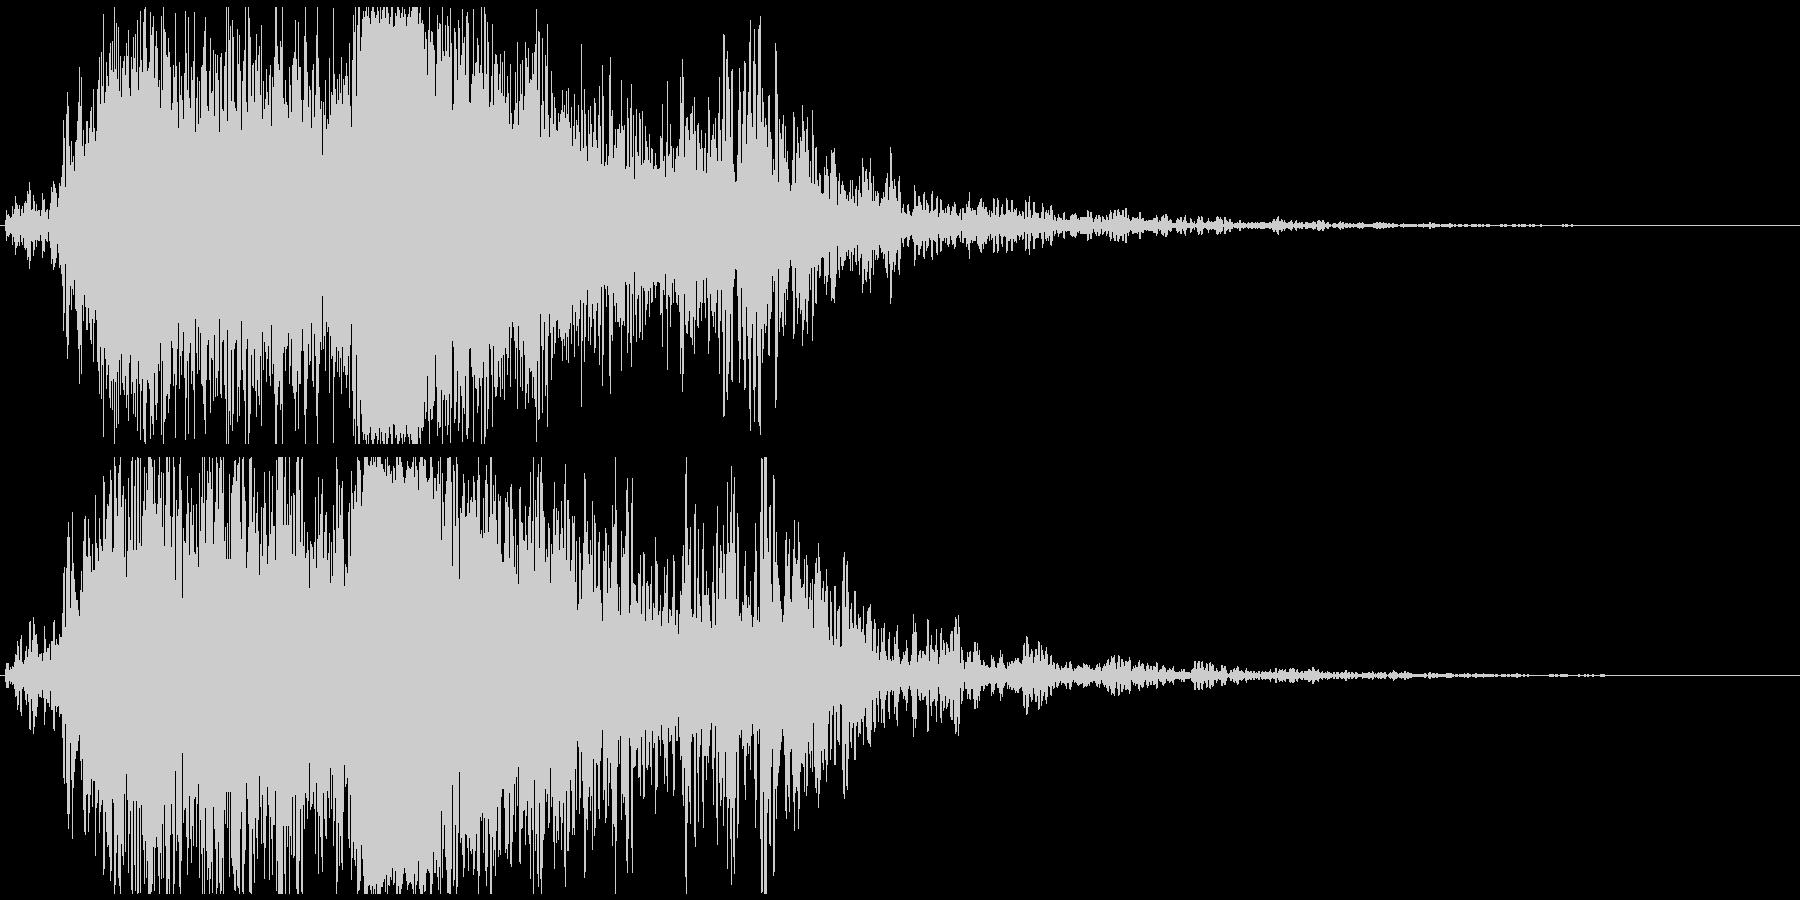 ドラゴン龍の鳴き声&シャキーン 魔法08の未再生の波形